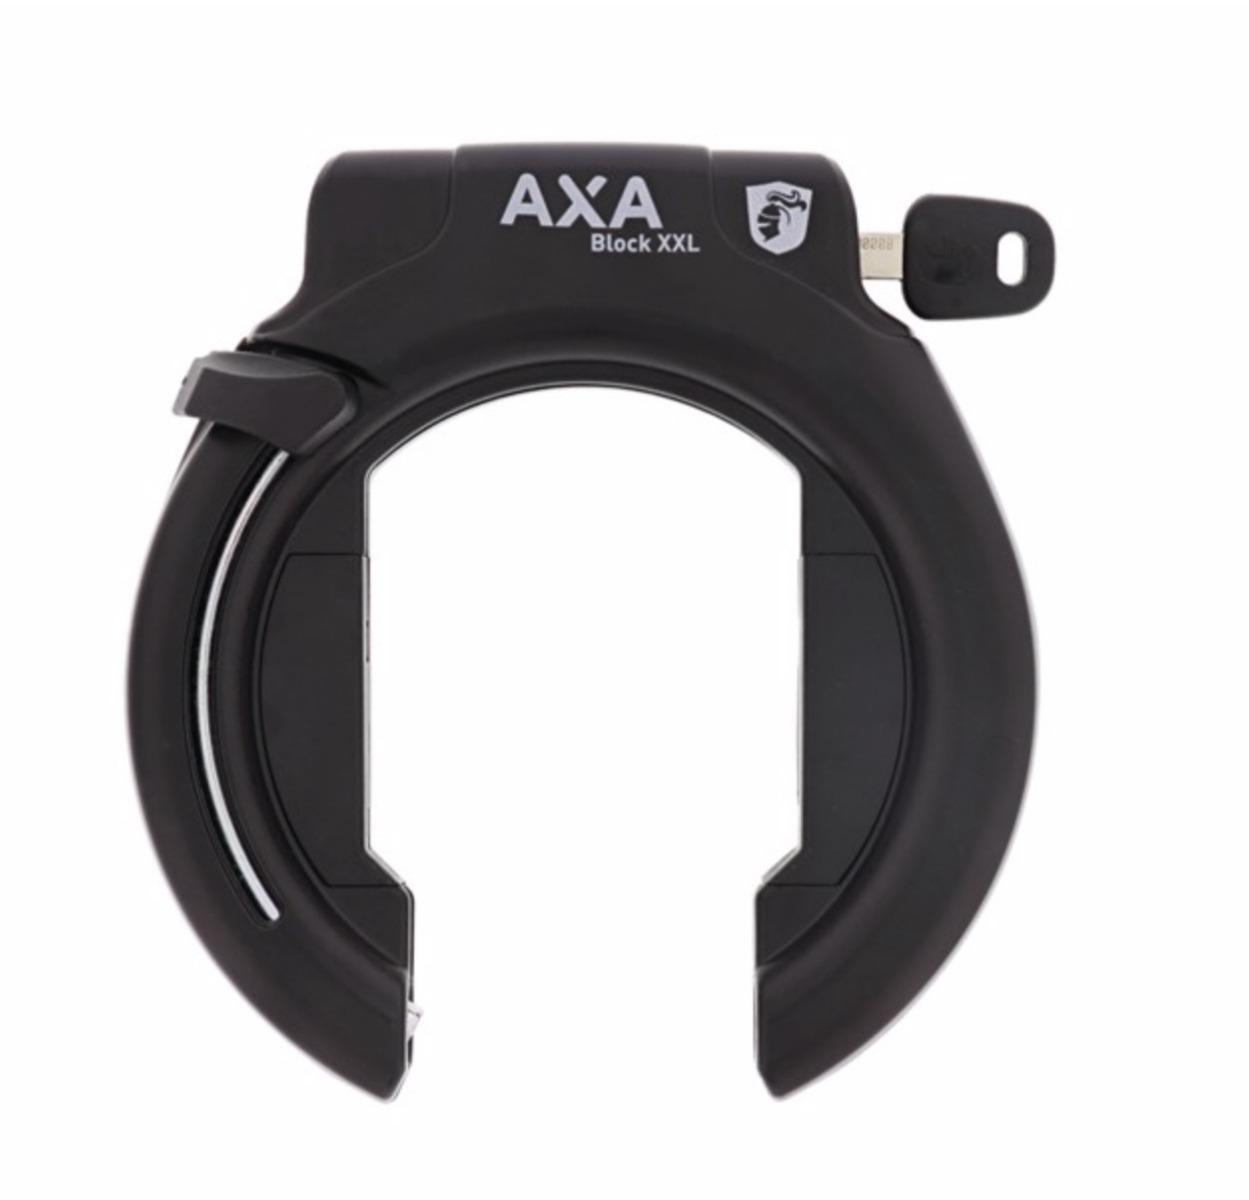 AXA Block XXL Ringlås | cykellås